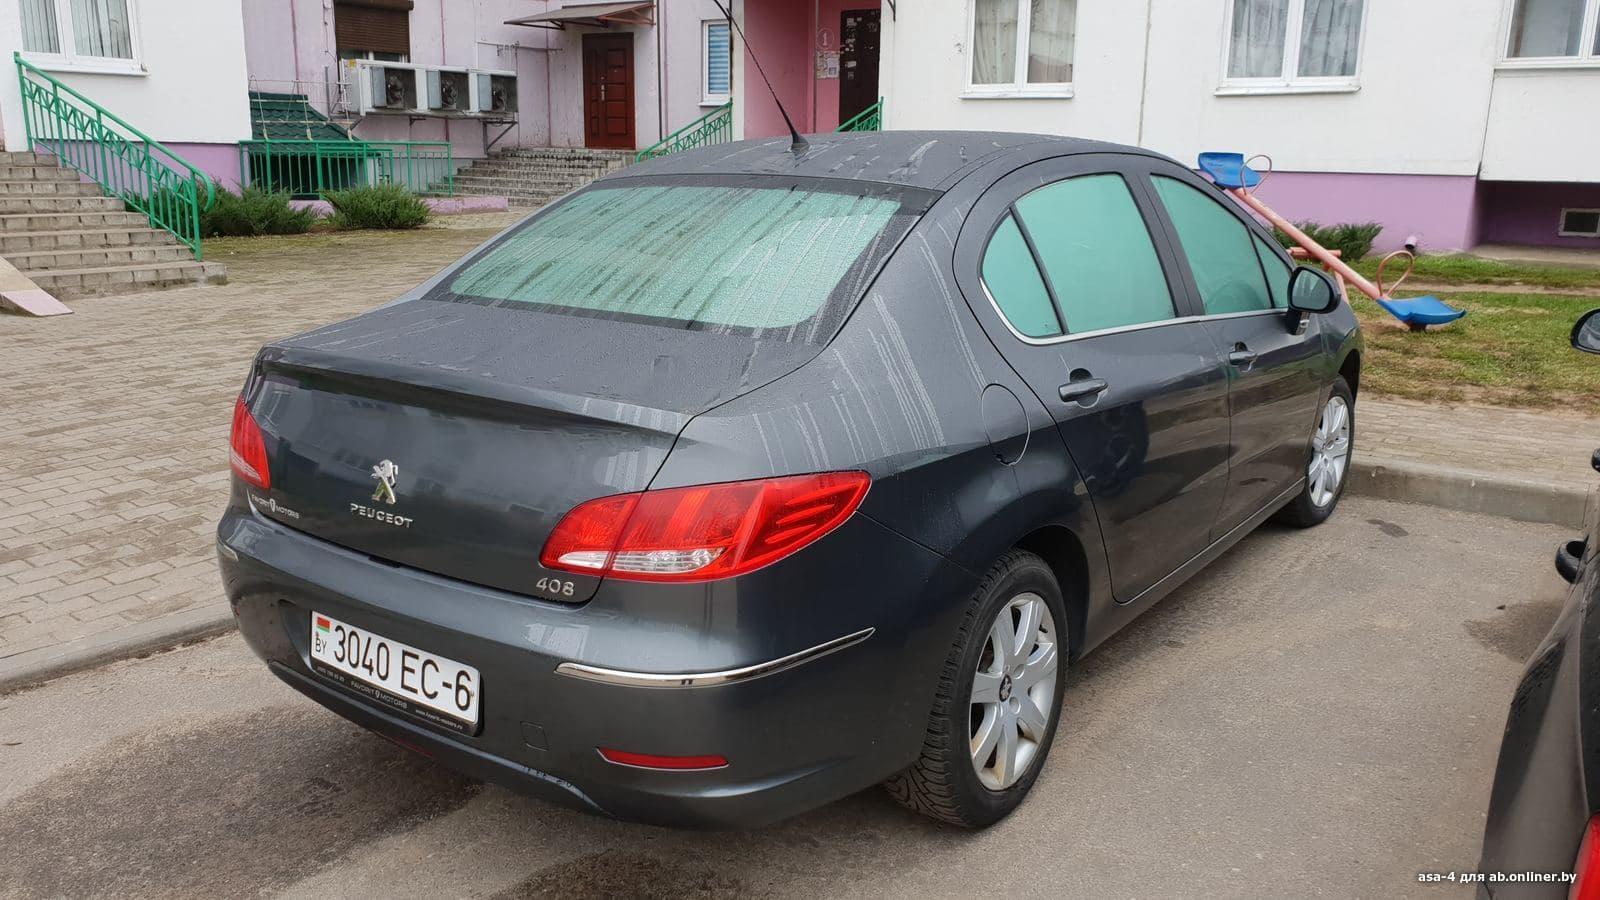 Peugeot 408 150 лс, 6 автомат, к